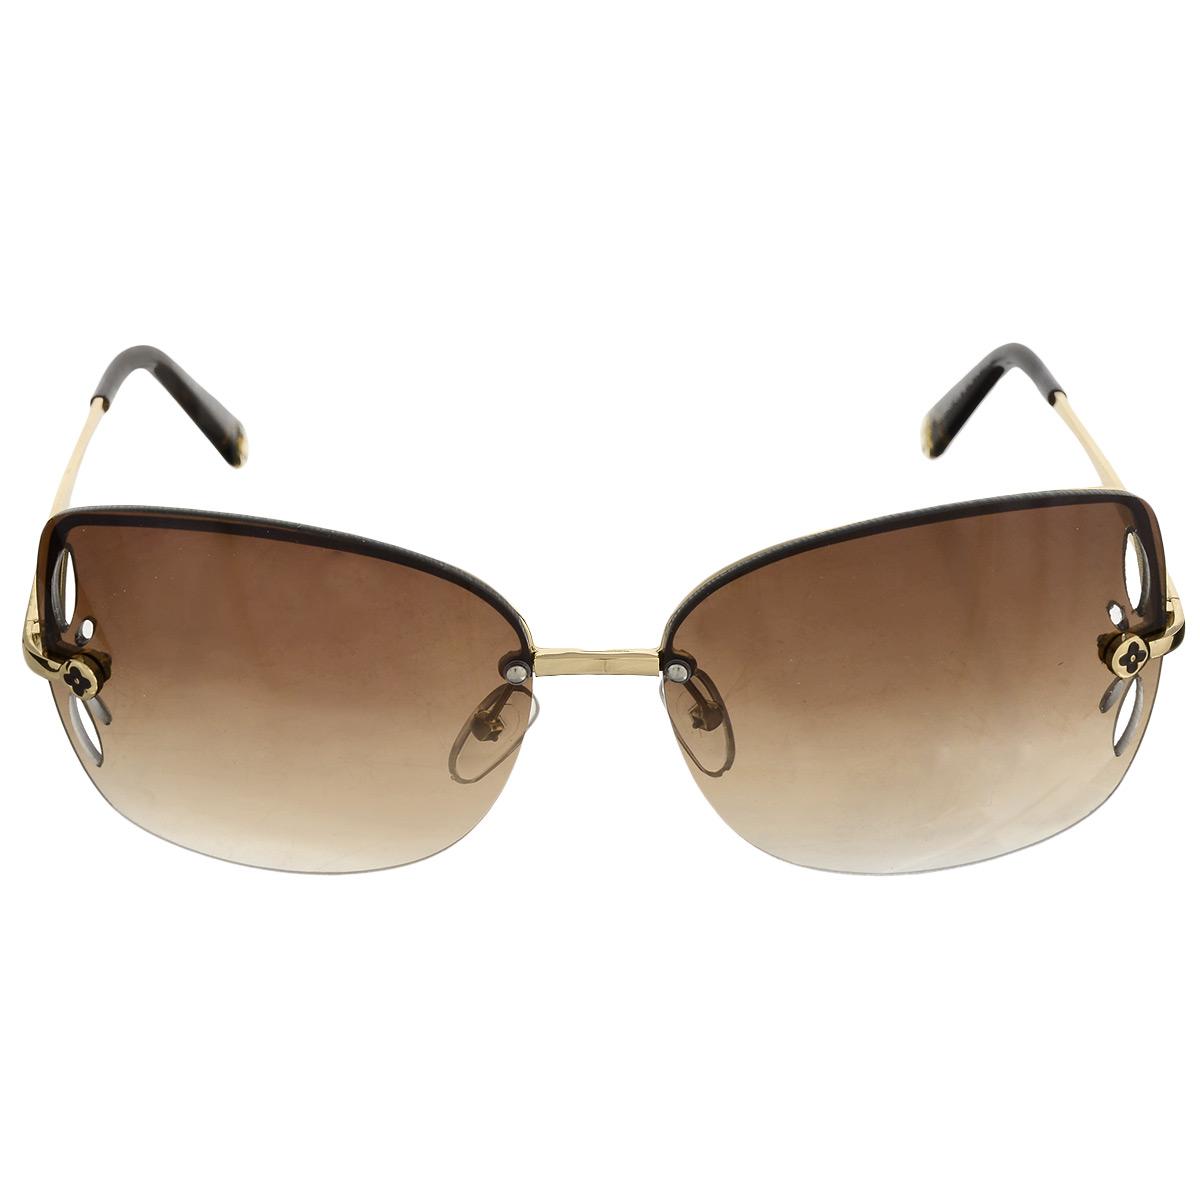 Солнцезащитные очки женские Selena, цвет: коричневый, золотой. 8003242180032421Солнцезащитные очки Selena, выполненные с линзами из высококачественного пластика PC с зеркальным эффектом fresh mirror, оправа оформлена изображением цветка, линзы дополнены отверстиями в виде лепестков. Используемый пластик не искажает изображение, не подвержен нагреванию и вредному воздействию солнечных лучей. Линзы данных очков с высокоэффективным UV-фильтром обеспечивают полную защиту от ультрафиолетовых лучей. Металлическая оправа очков легкая, прилегающей формы и поэтому не создает никакого дискомфорта. Такие очки защитят глаза от ультрафиолетовых лучей, подчеркнут вашу индивидуальность и сделают ваш образ завершенным.